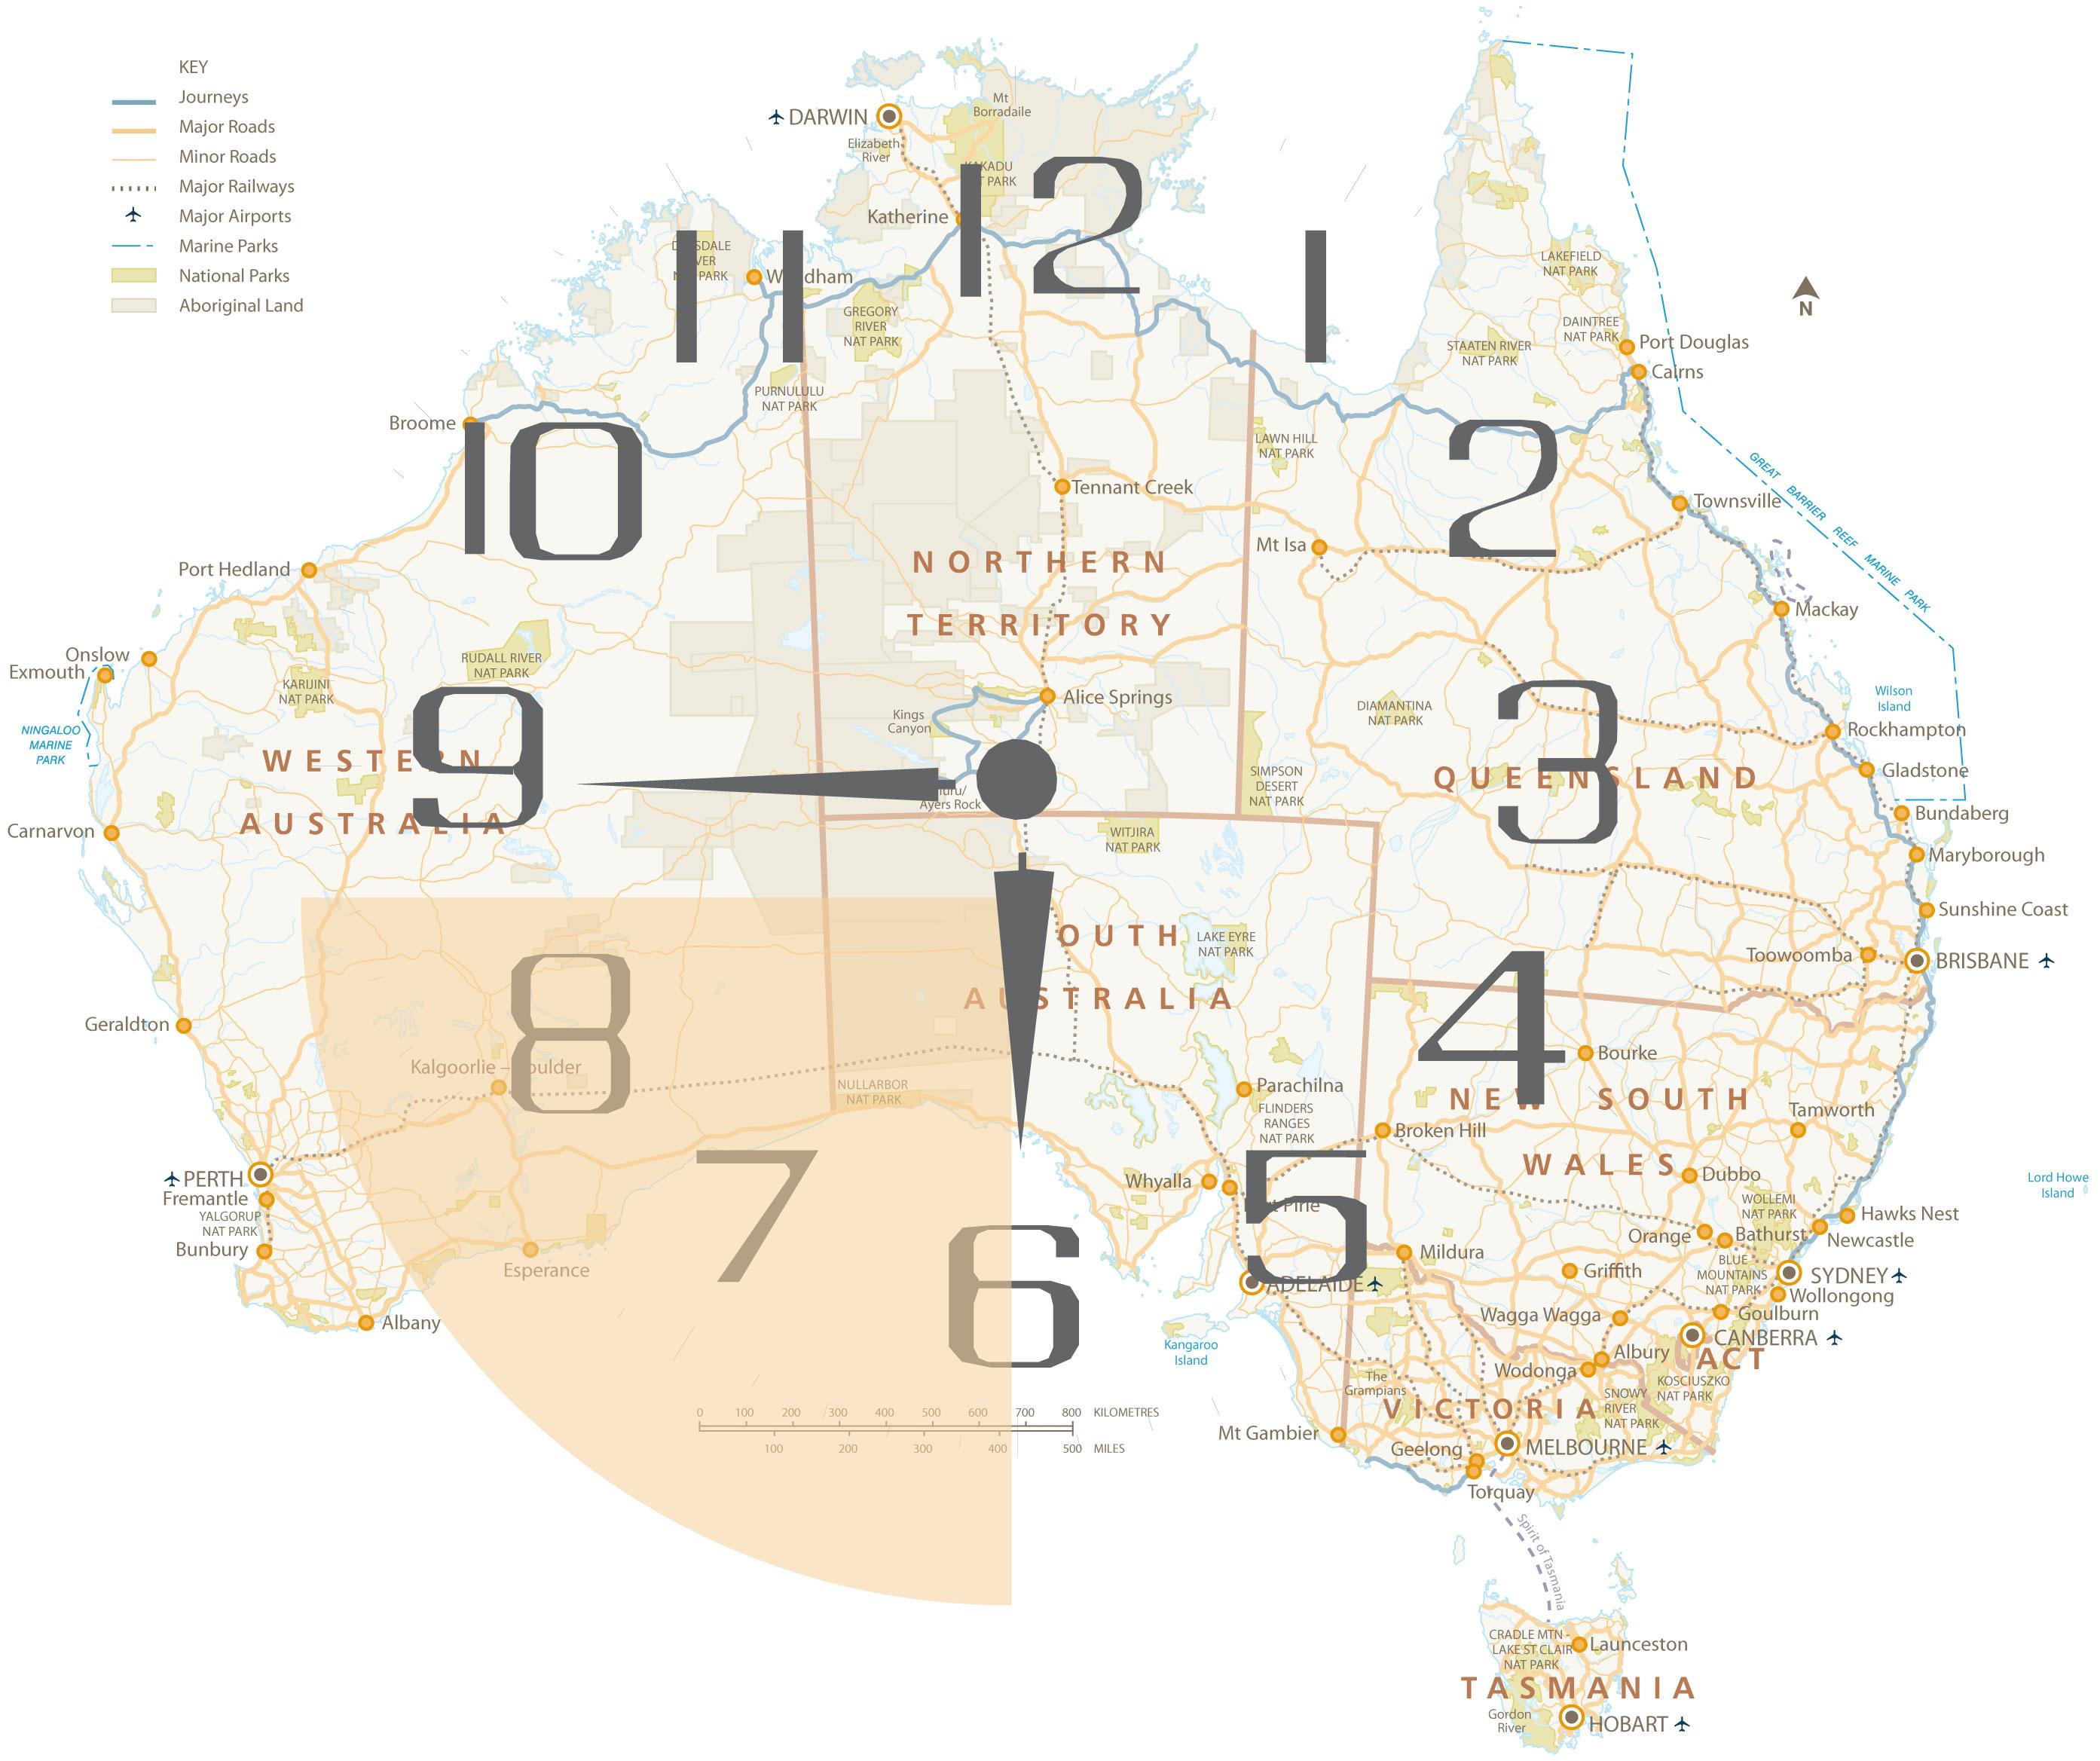 Nach Adelaide entweder in Richtung Rotes Zentrum oder durch die Nullarbor nach Western Australia.